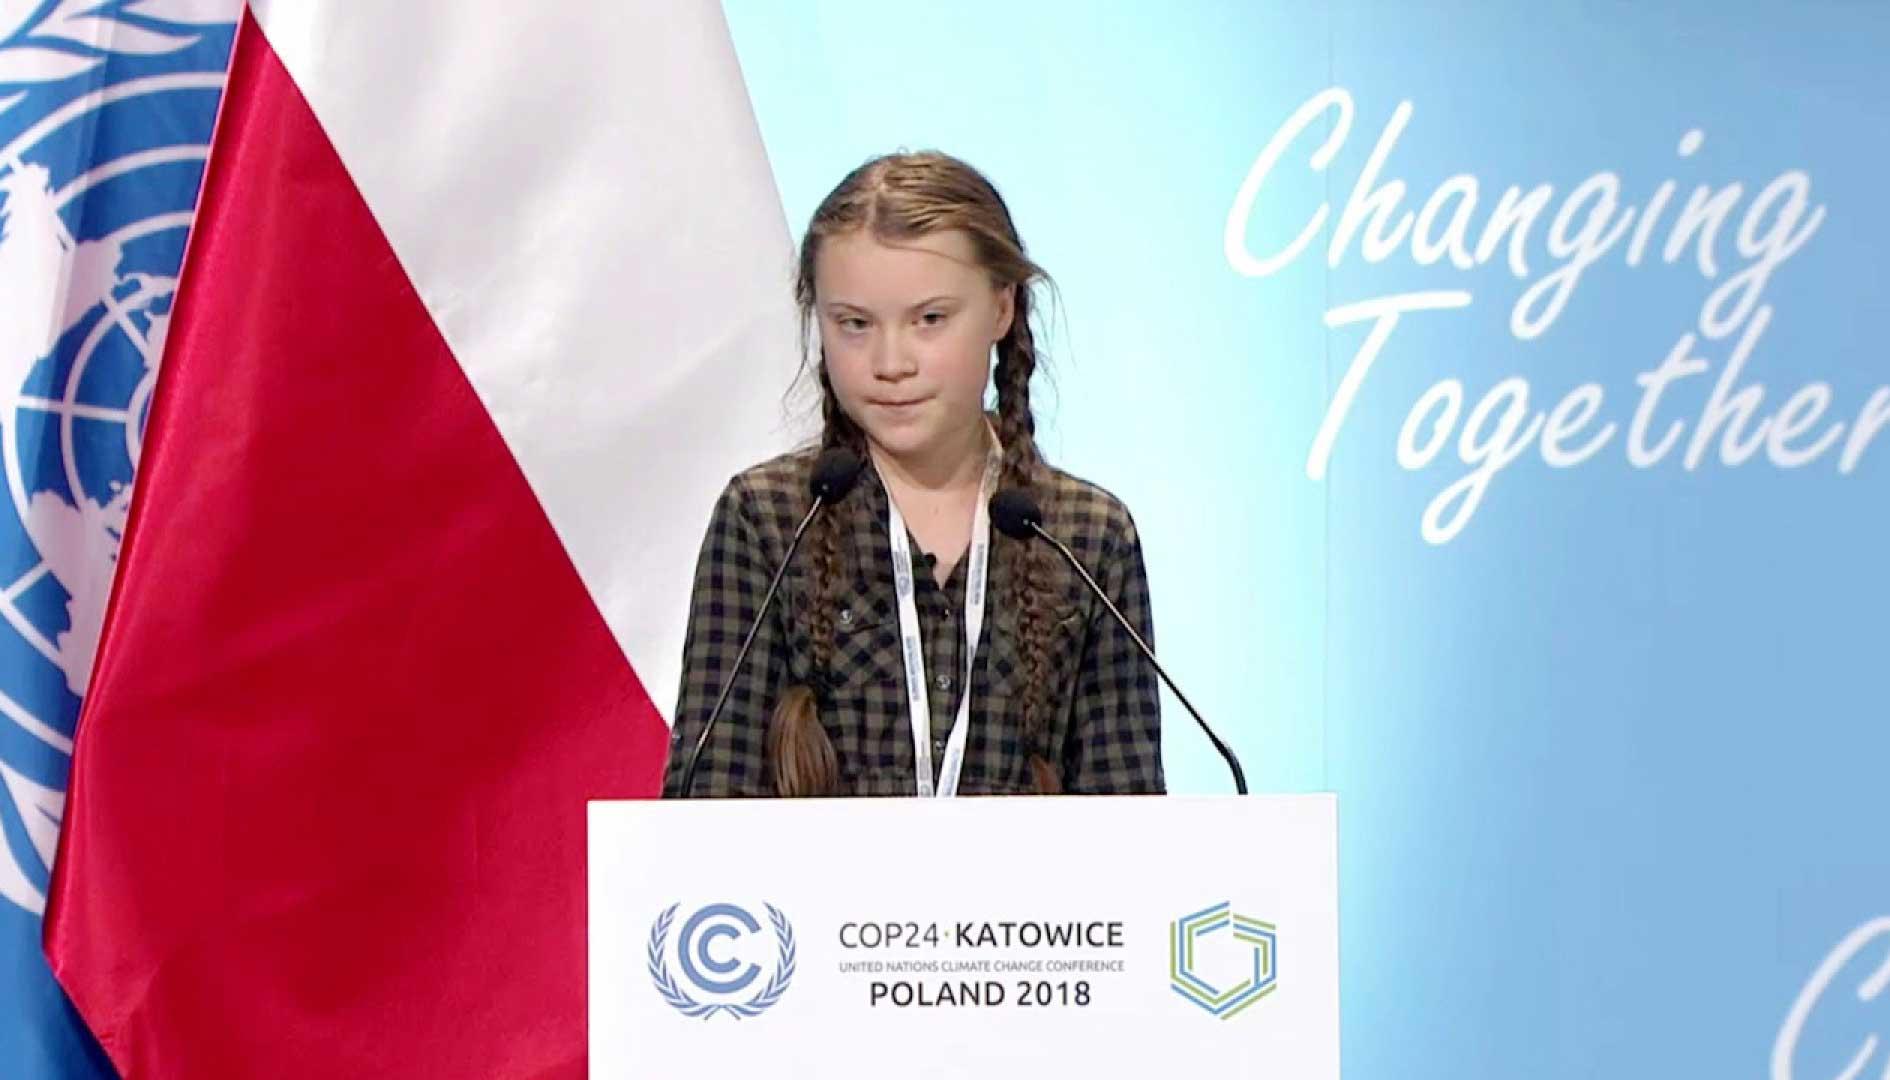 Cô bé Thụy Điển Greta Thunberg nhận giải thưởng truyền hình Đức vì sự cống hiến để bảo vệ môi trường (1/4/2019)